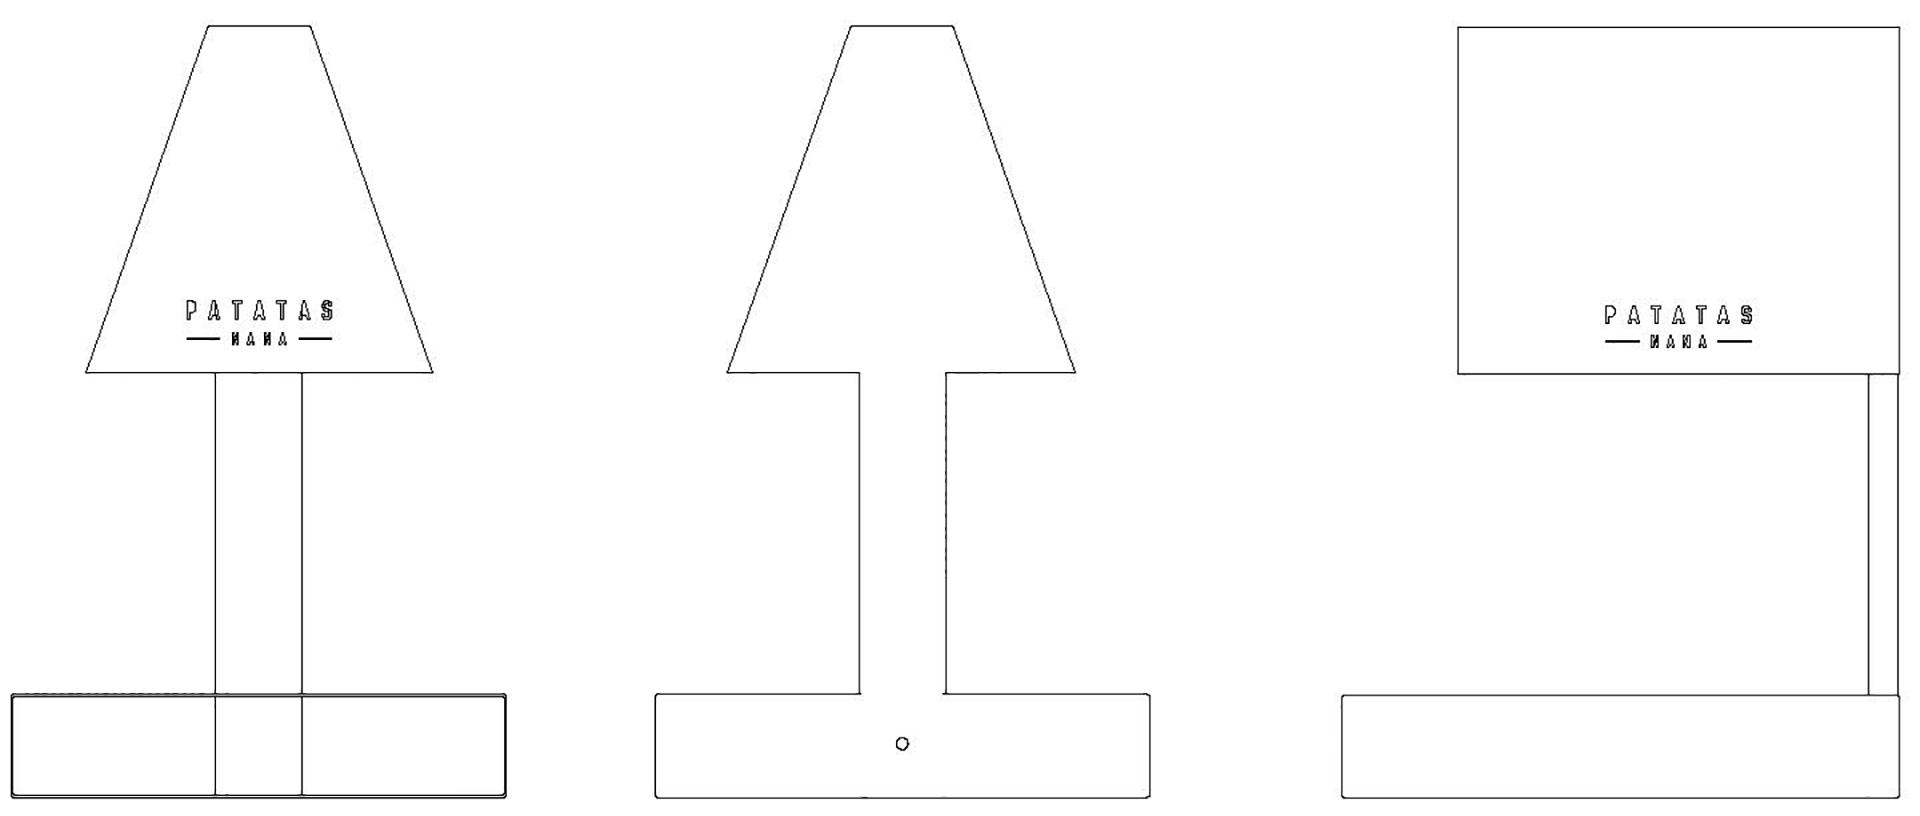 disegni tecnici della lampada